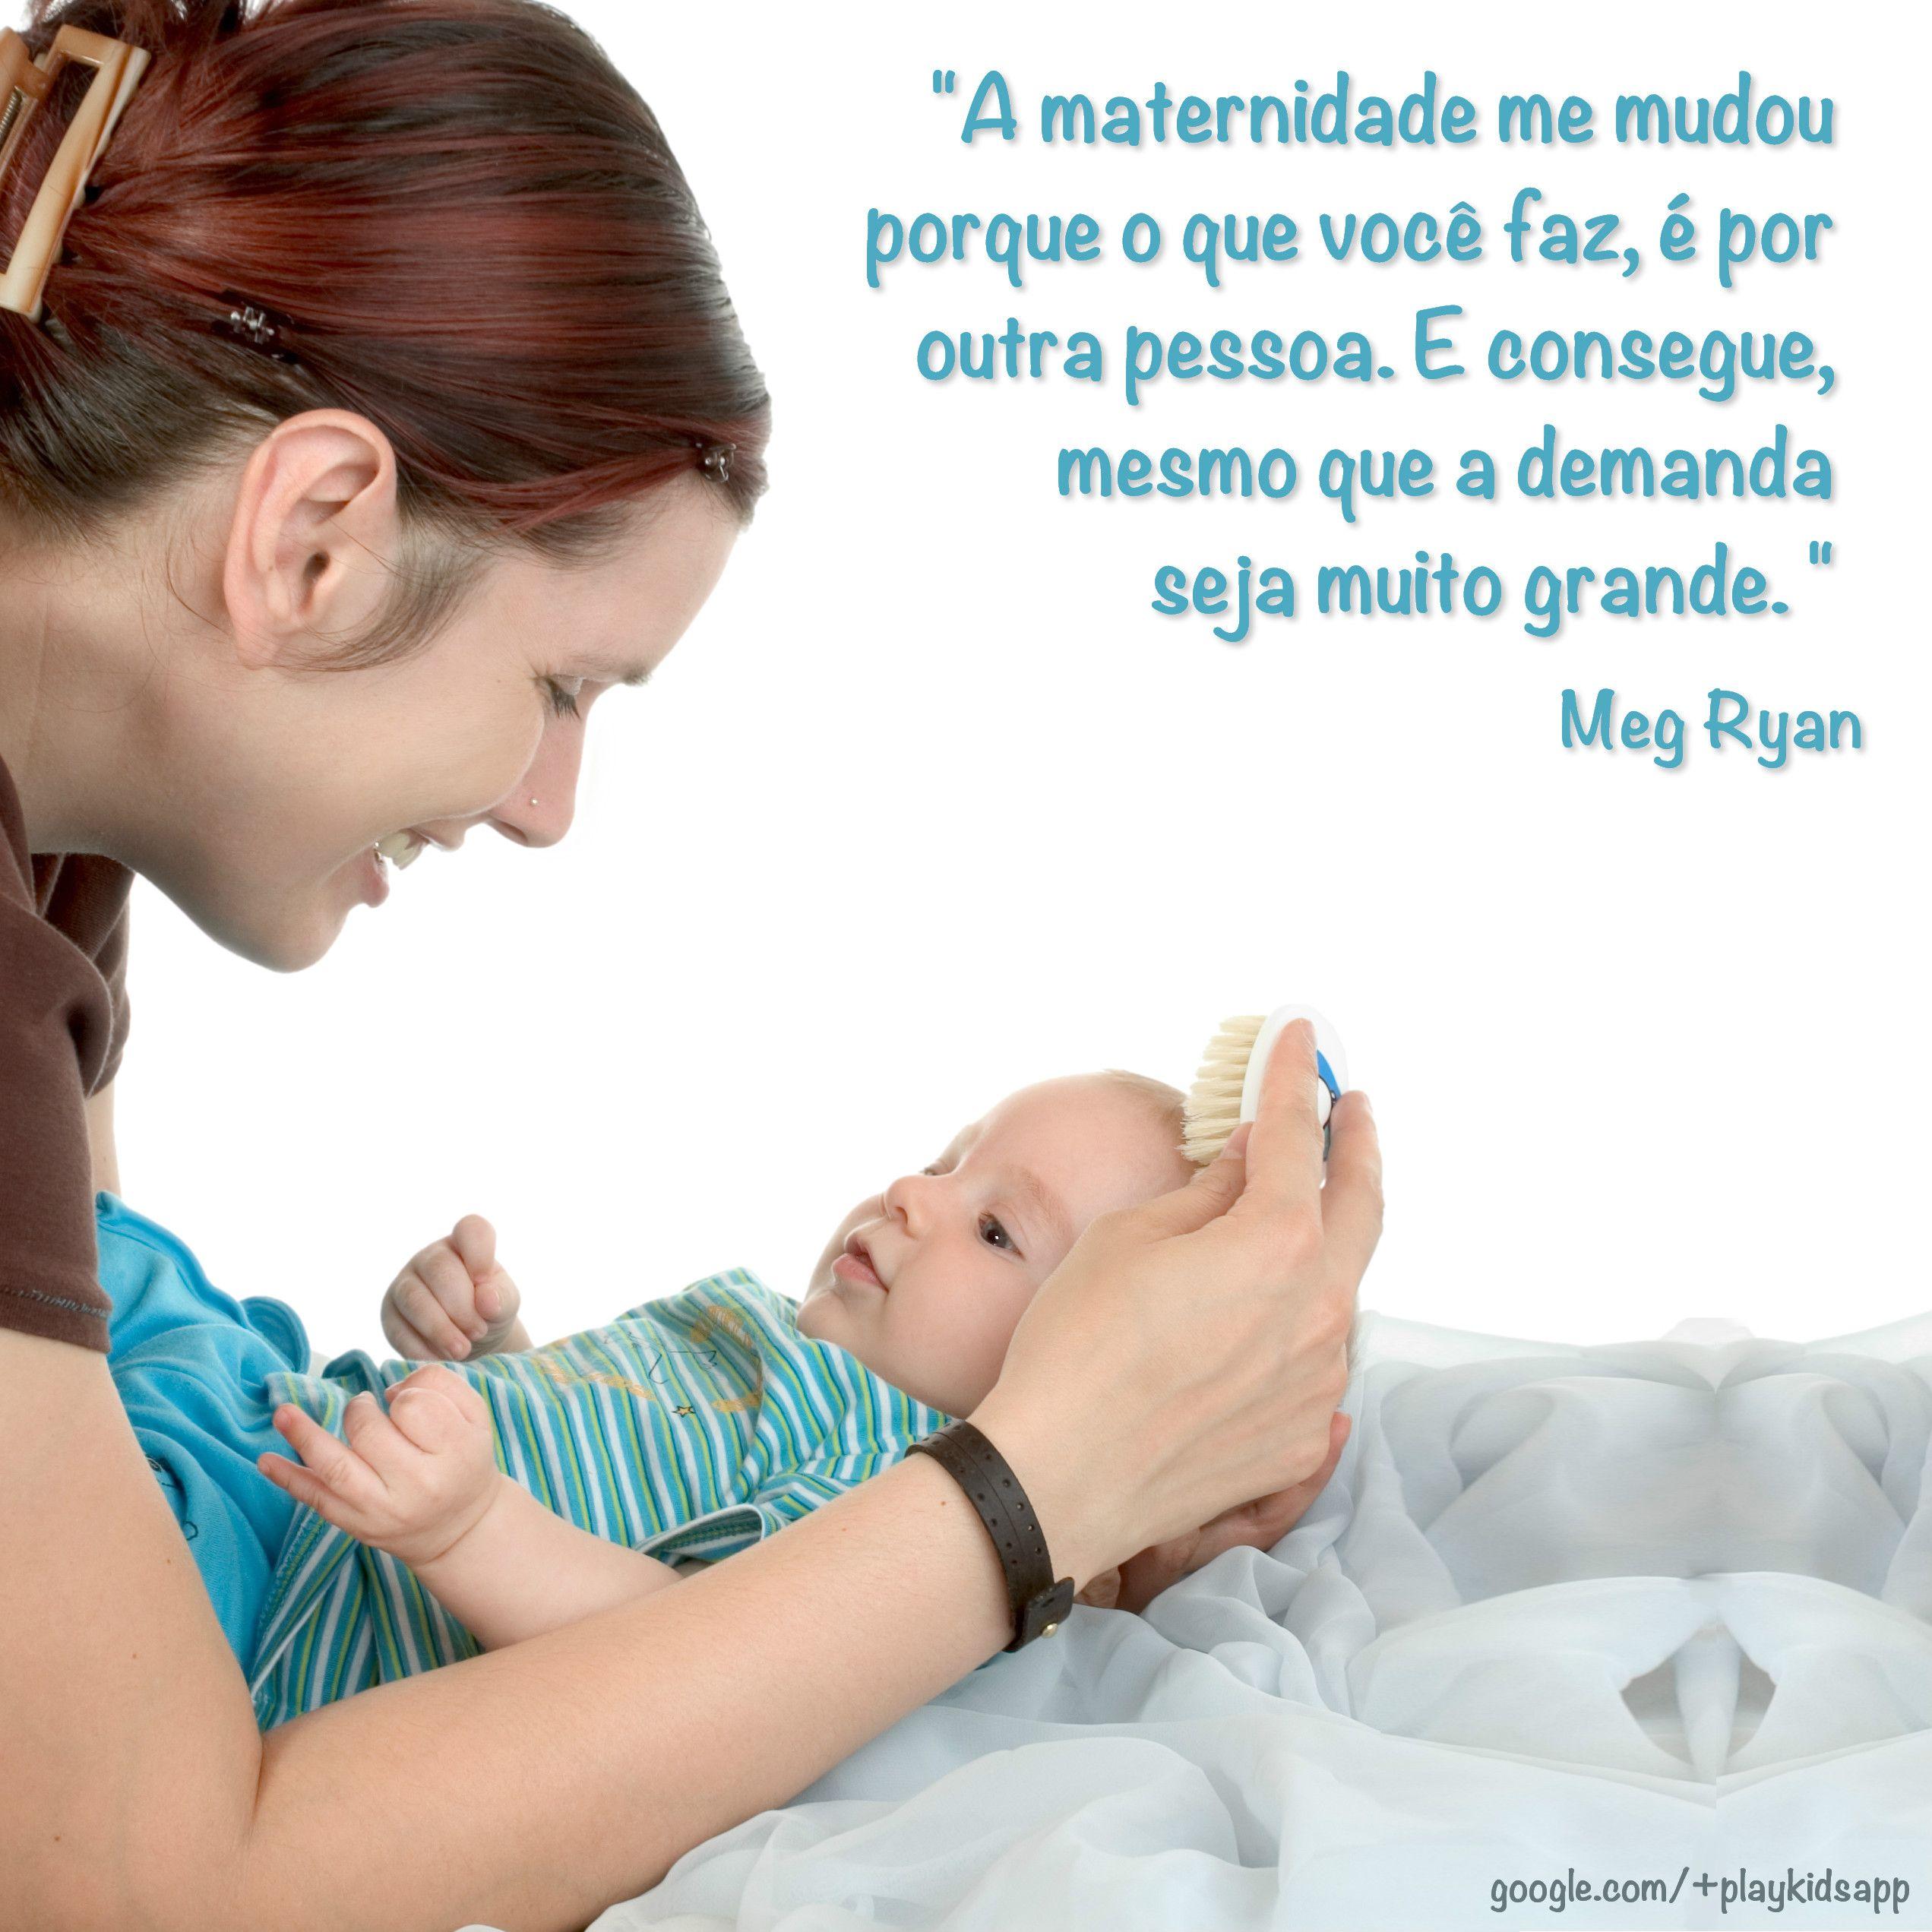 """""""A maternidade me mudou porque o que você faz, é por outra pessoa. E consegue, mesmo que a demanda seja muito grande."""" - Meg Ryan"""